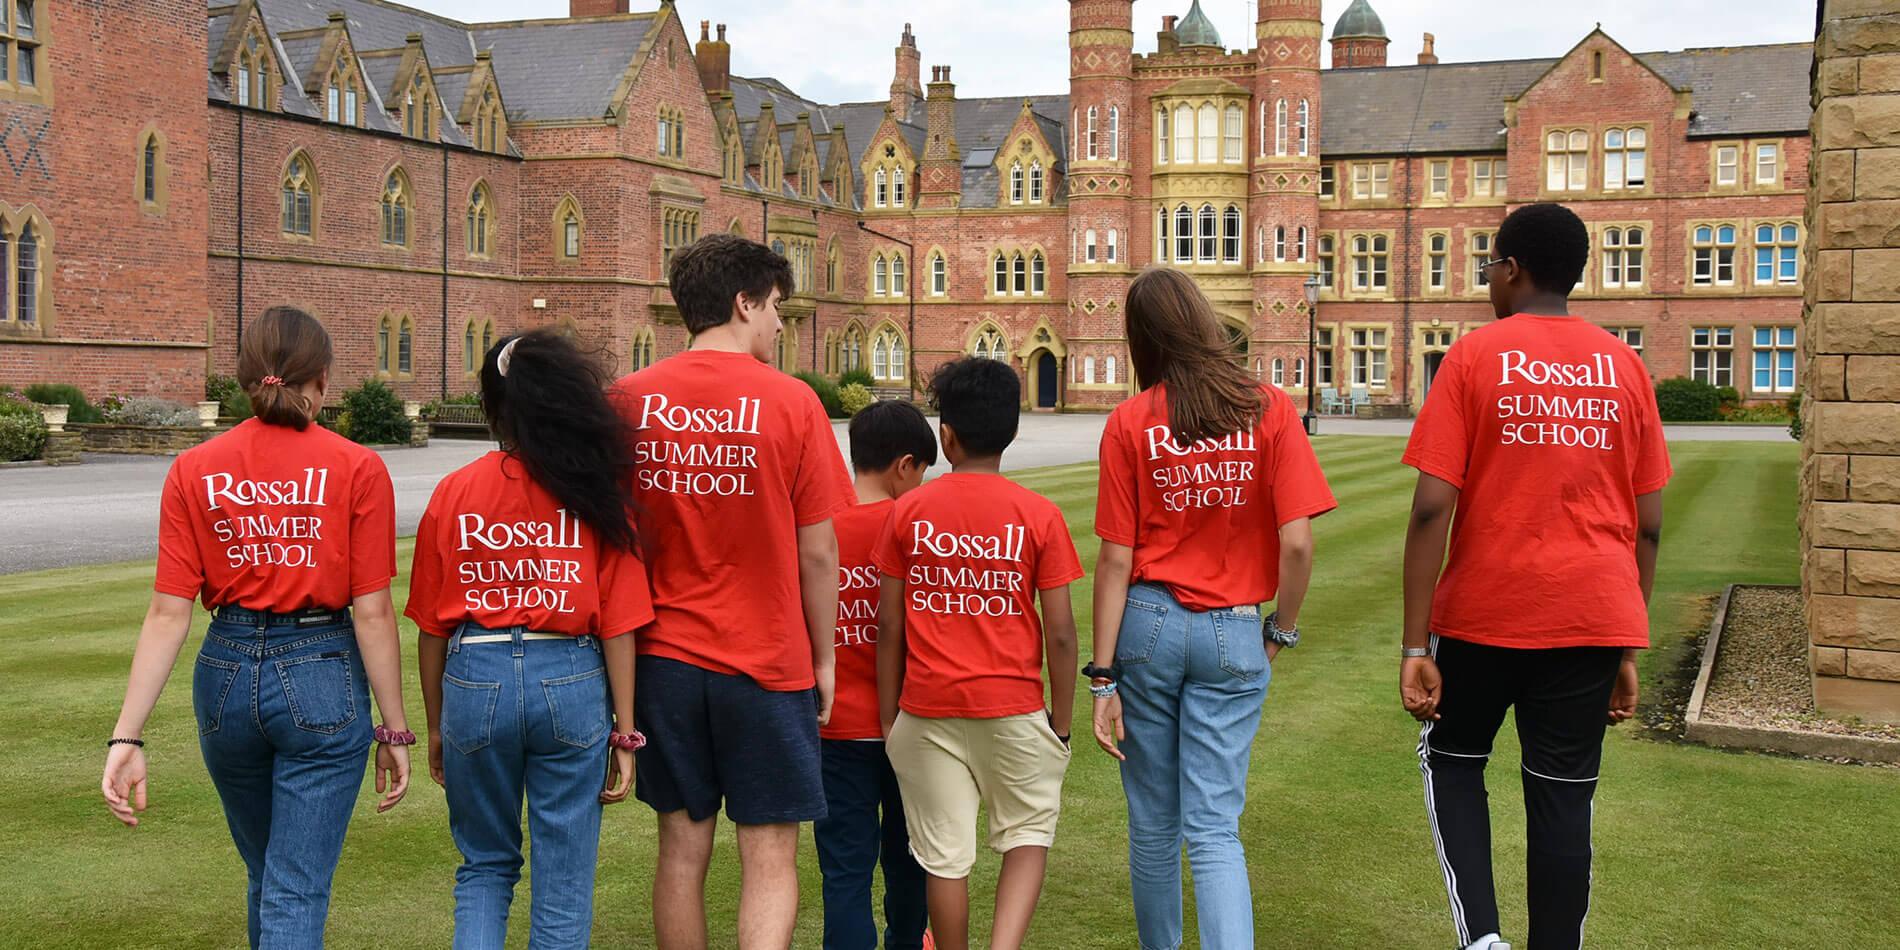 Rossall Summer School